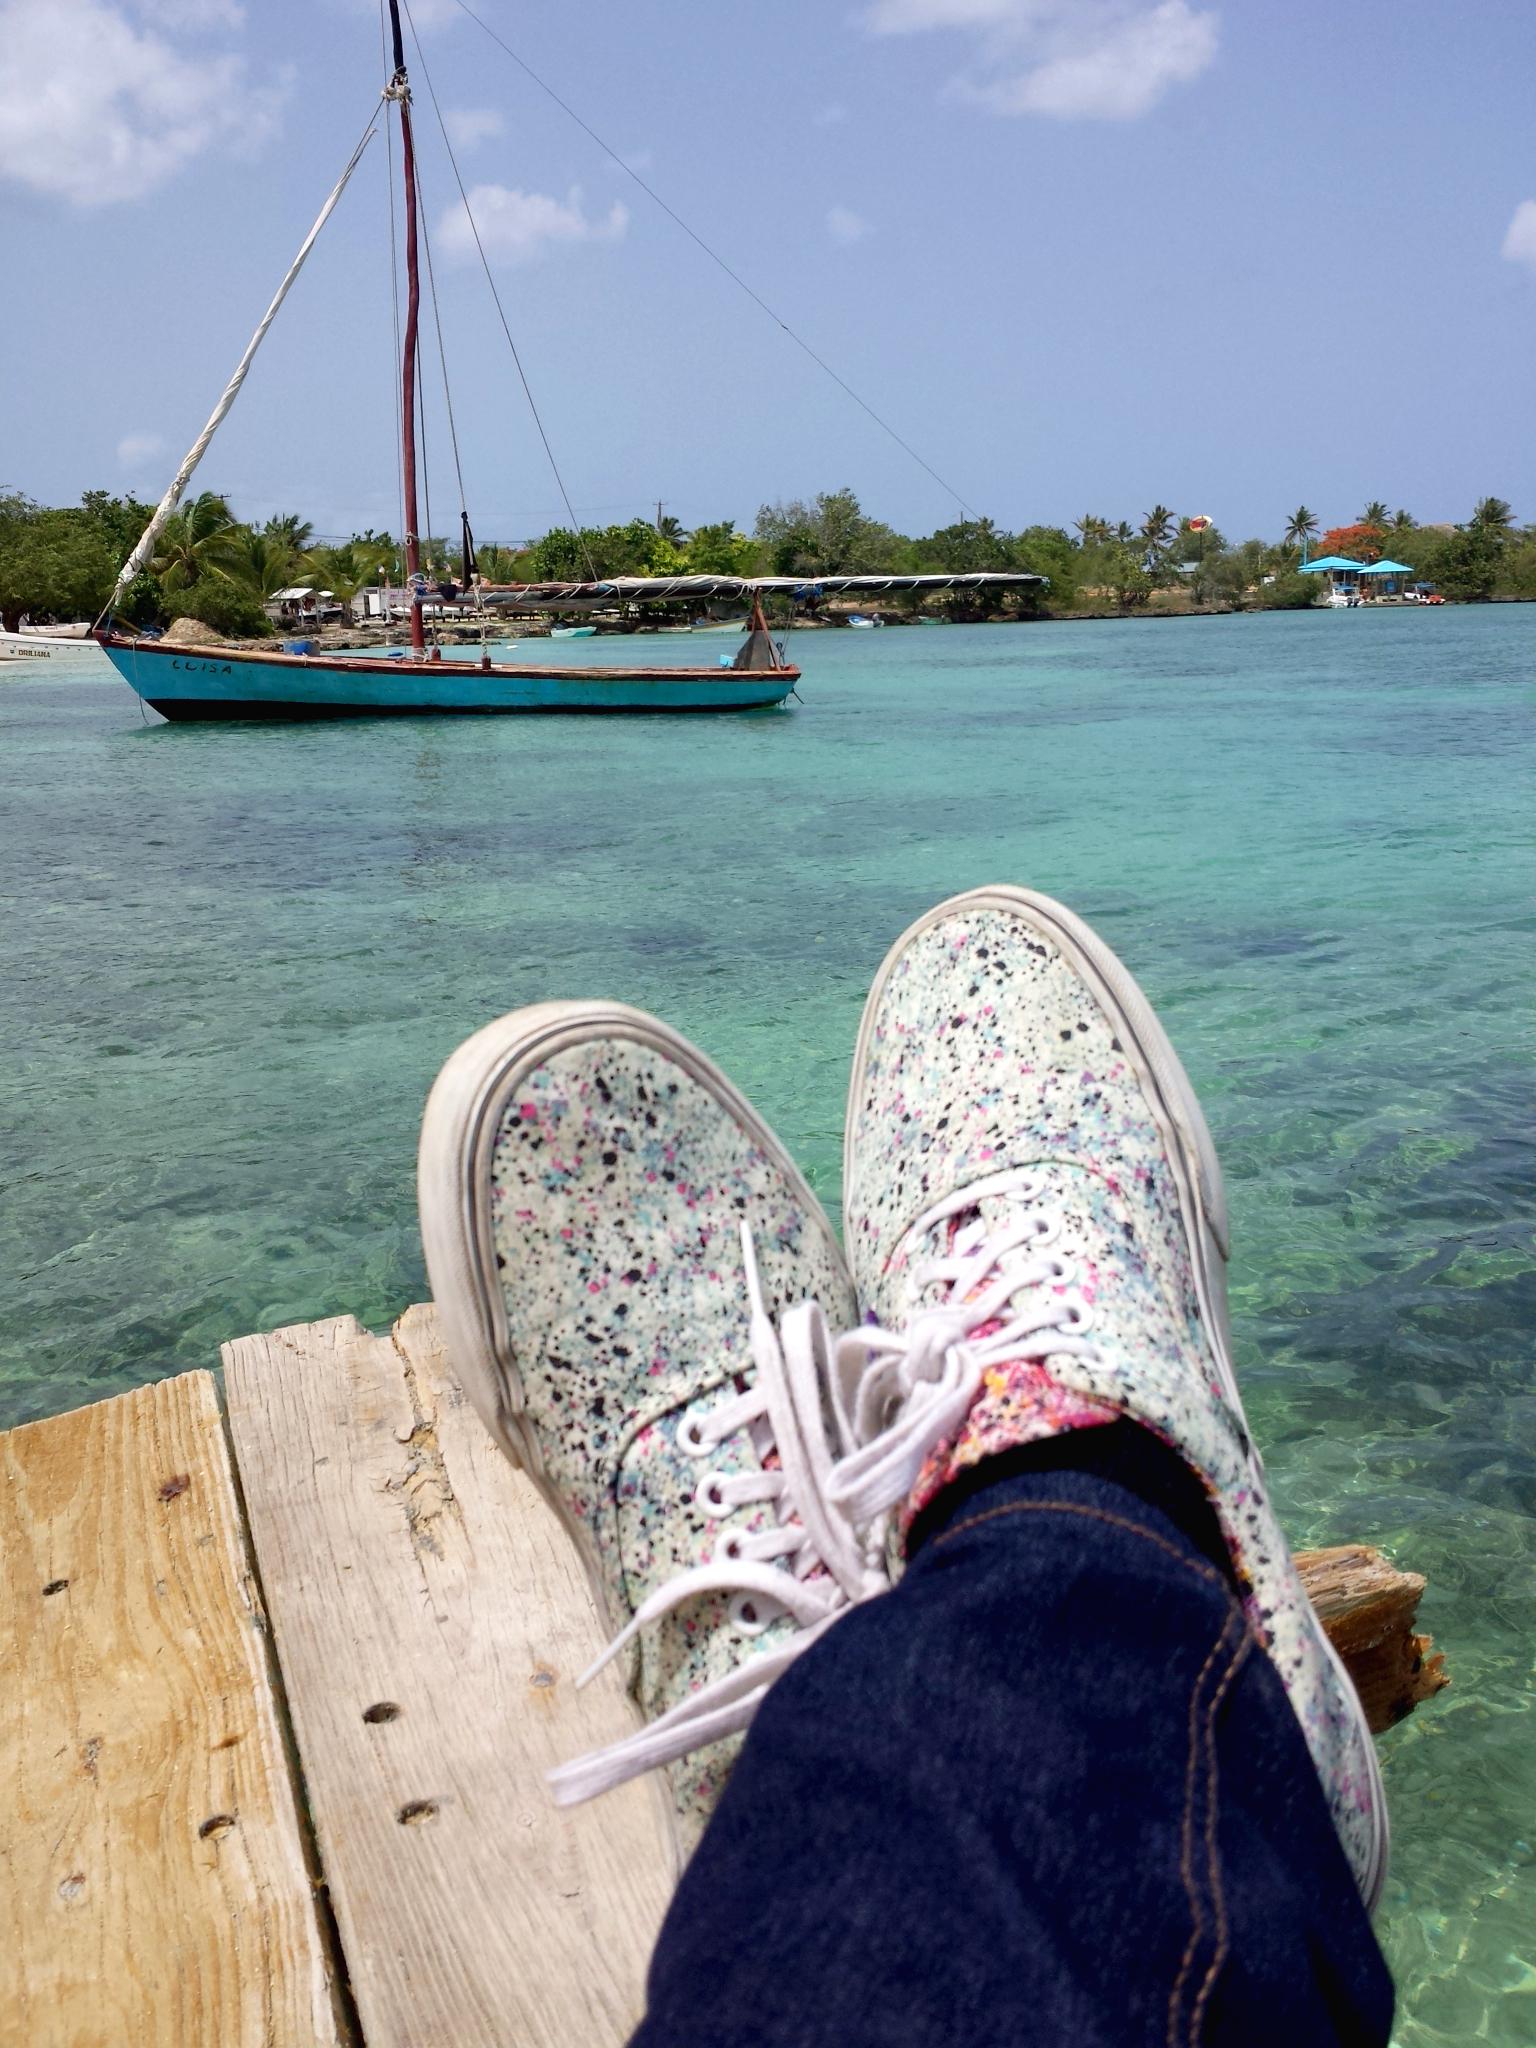 Republique_dominicaine_roadtrip_bayahibe_bateau_vans_vacances